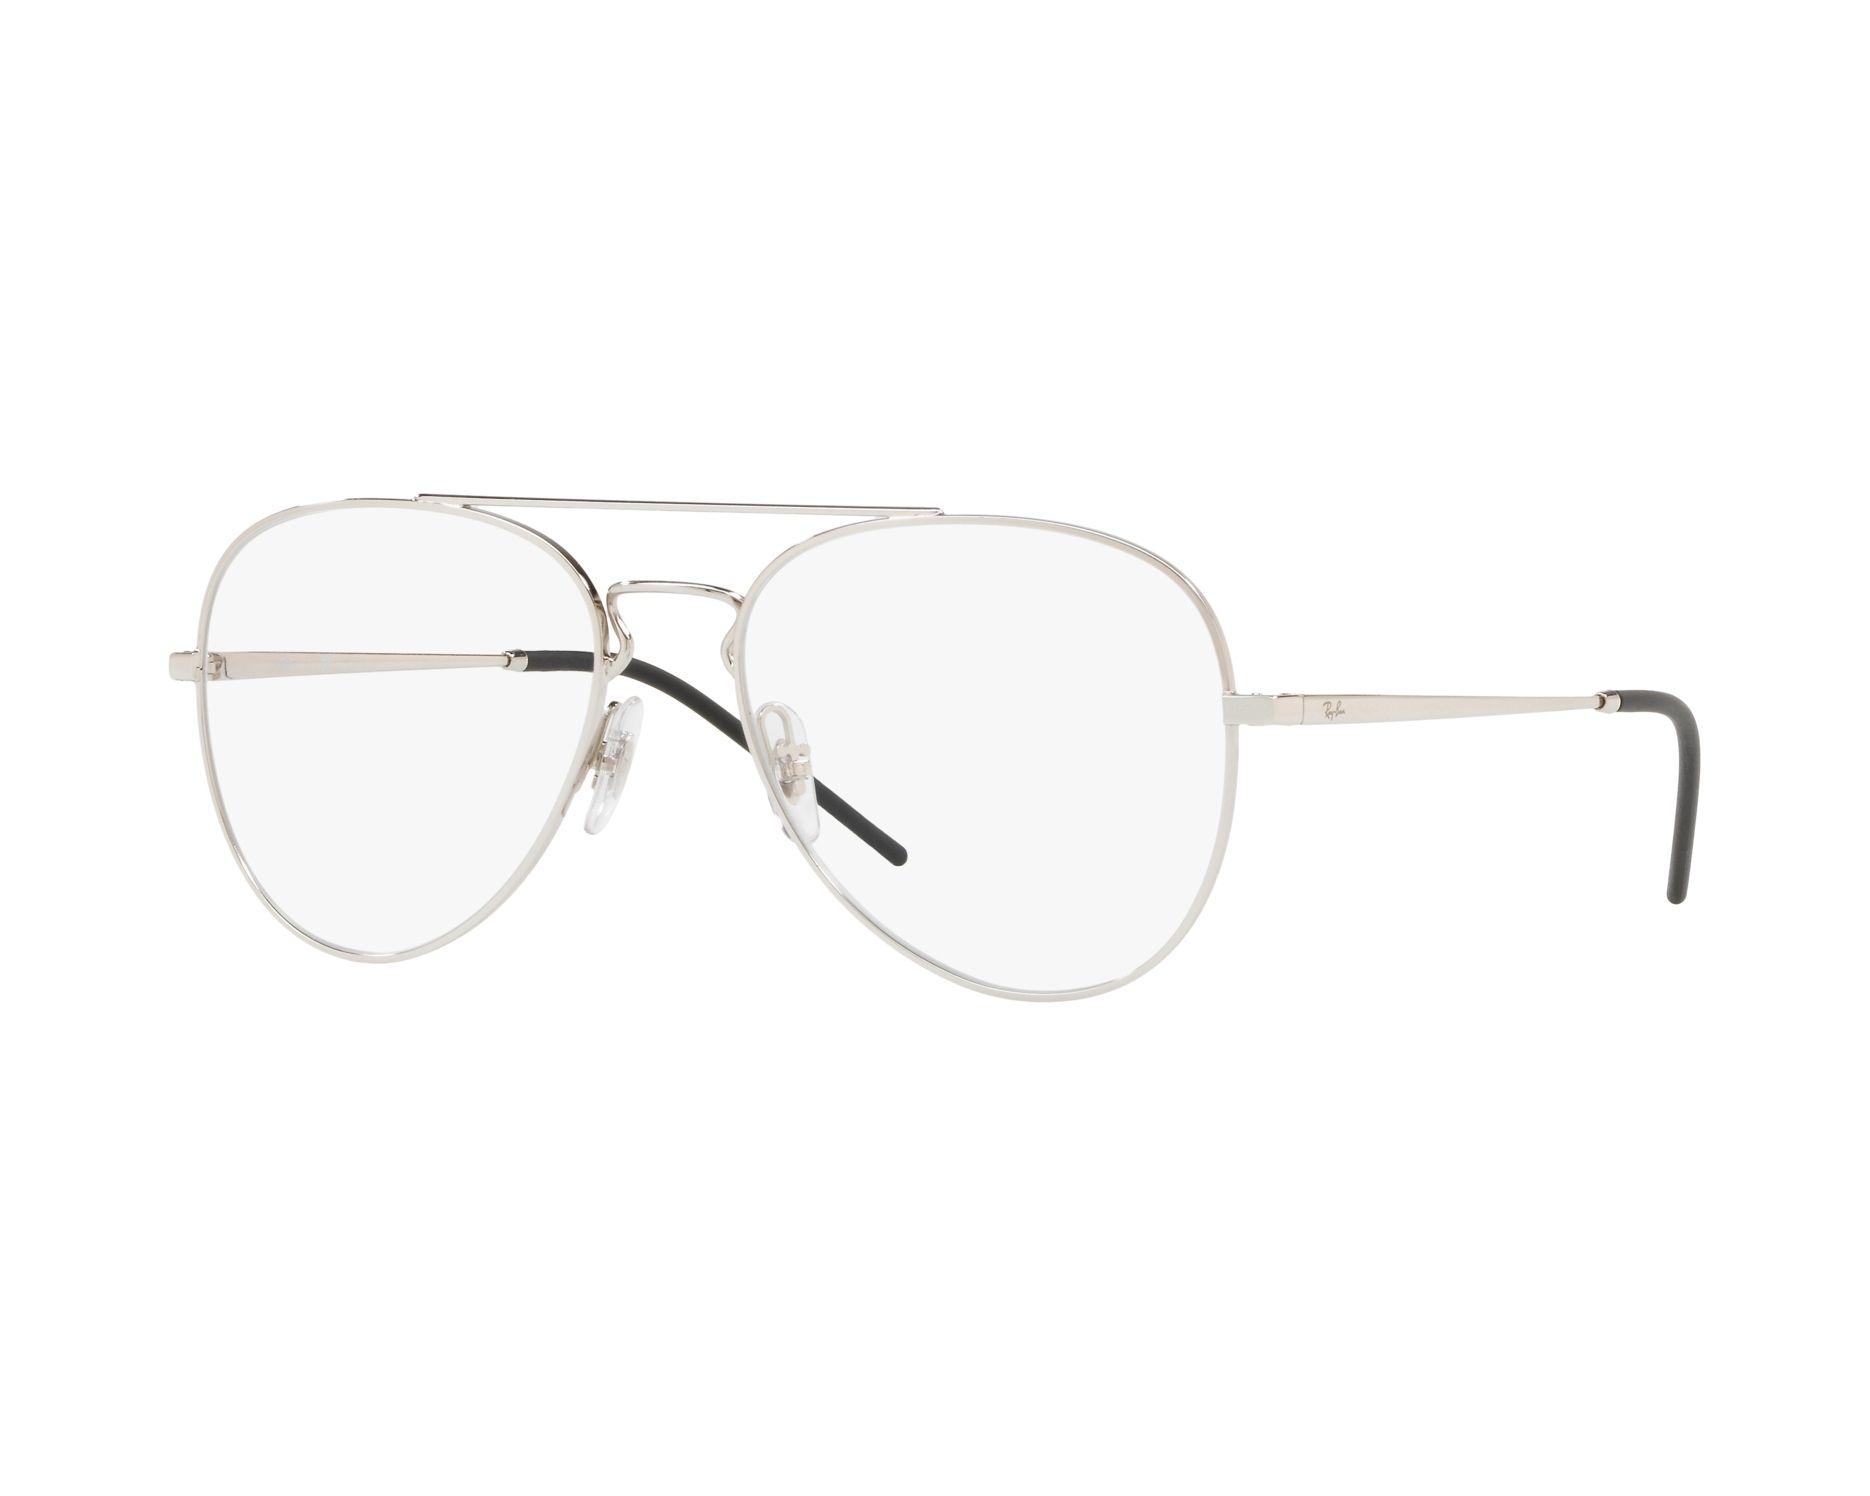 75030bb608f eyeglasses Ray-Ban RX-6413 2501 54-17 Silver